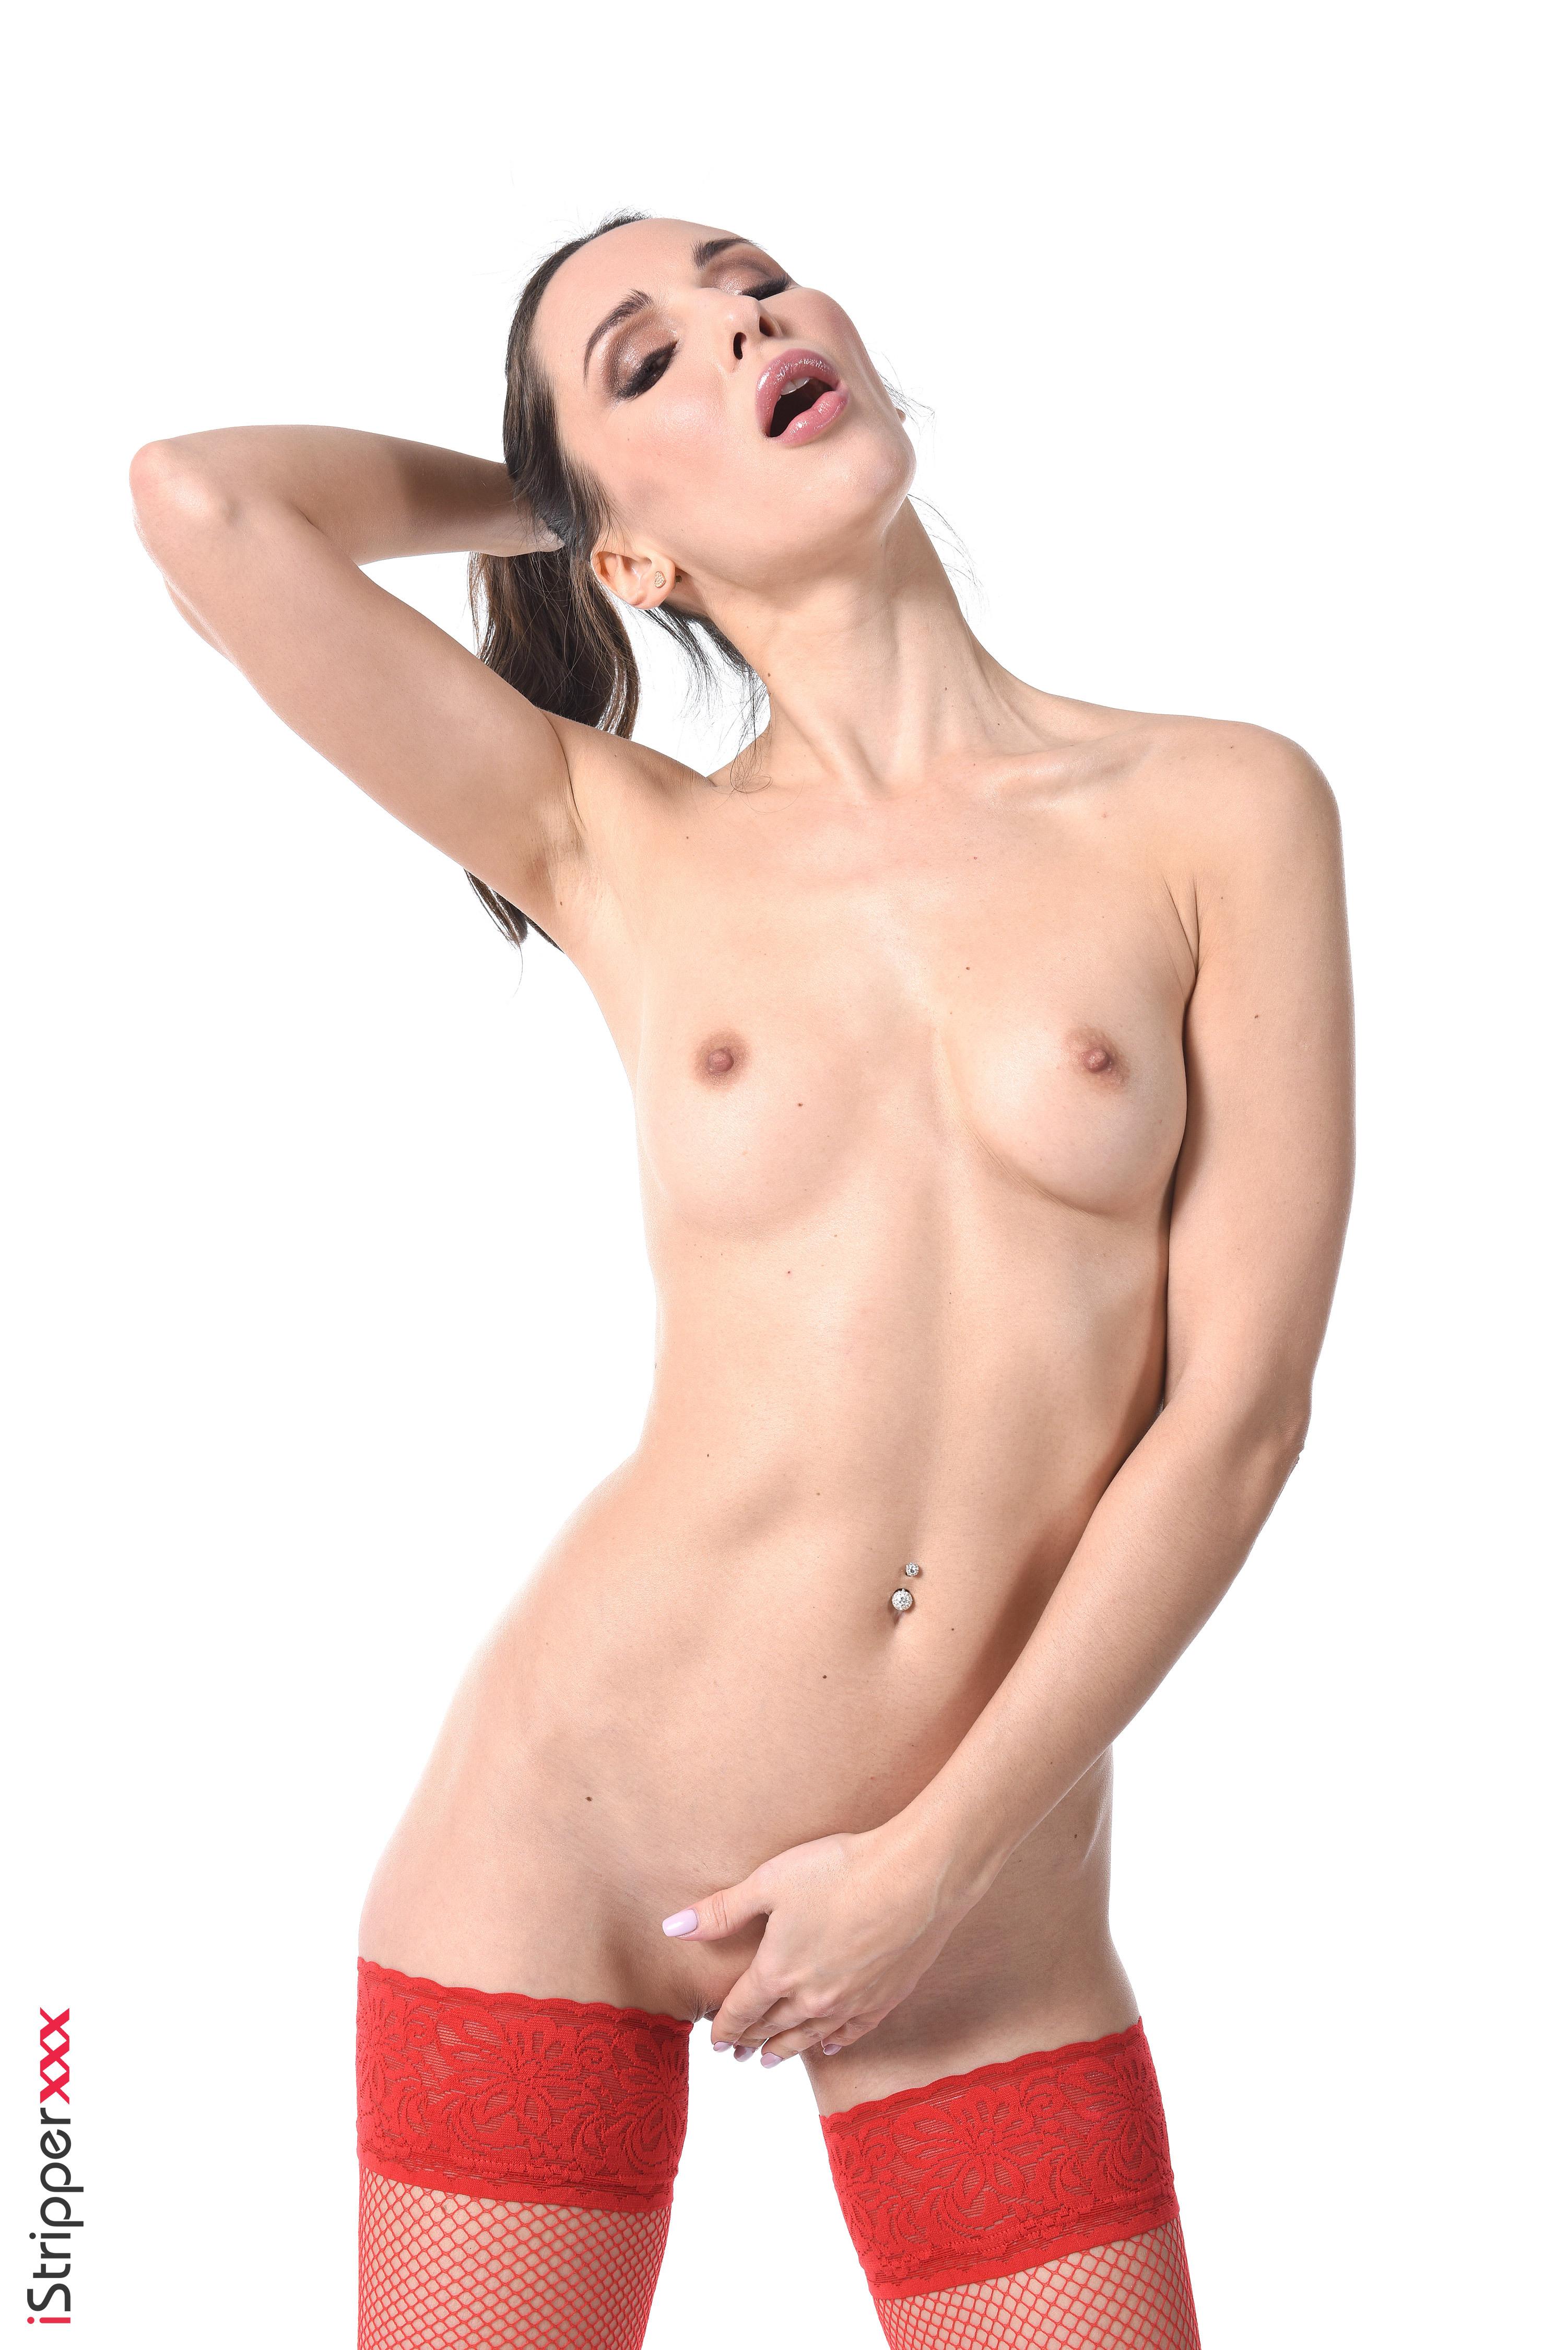 hot nude women wallpapers